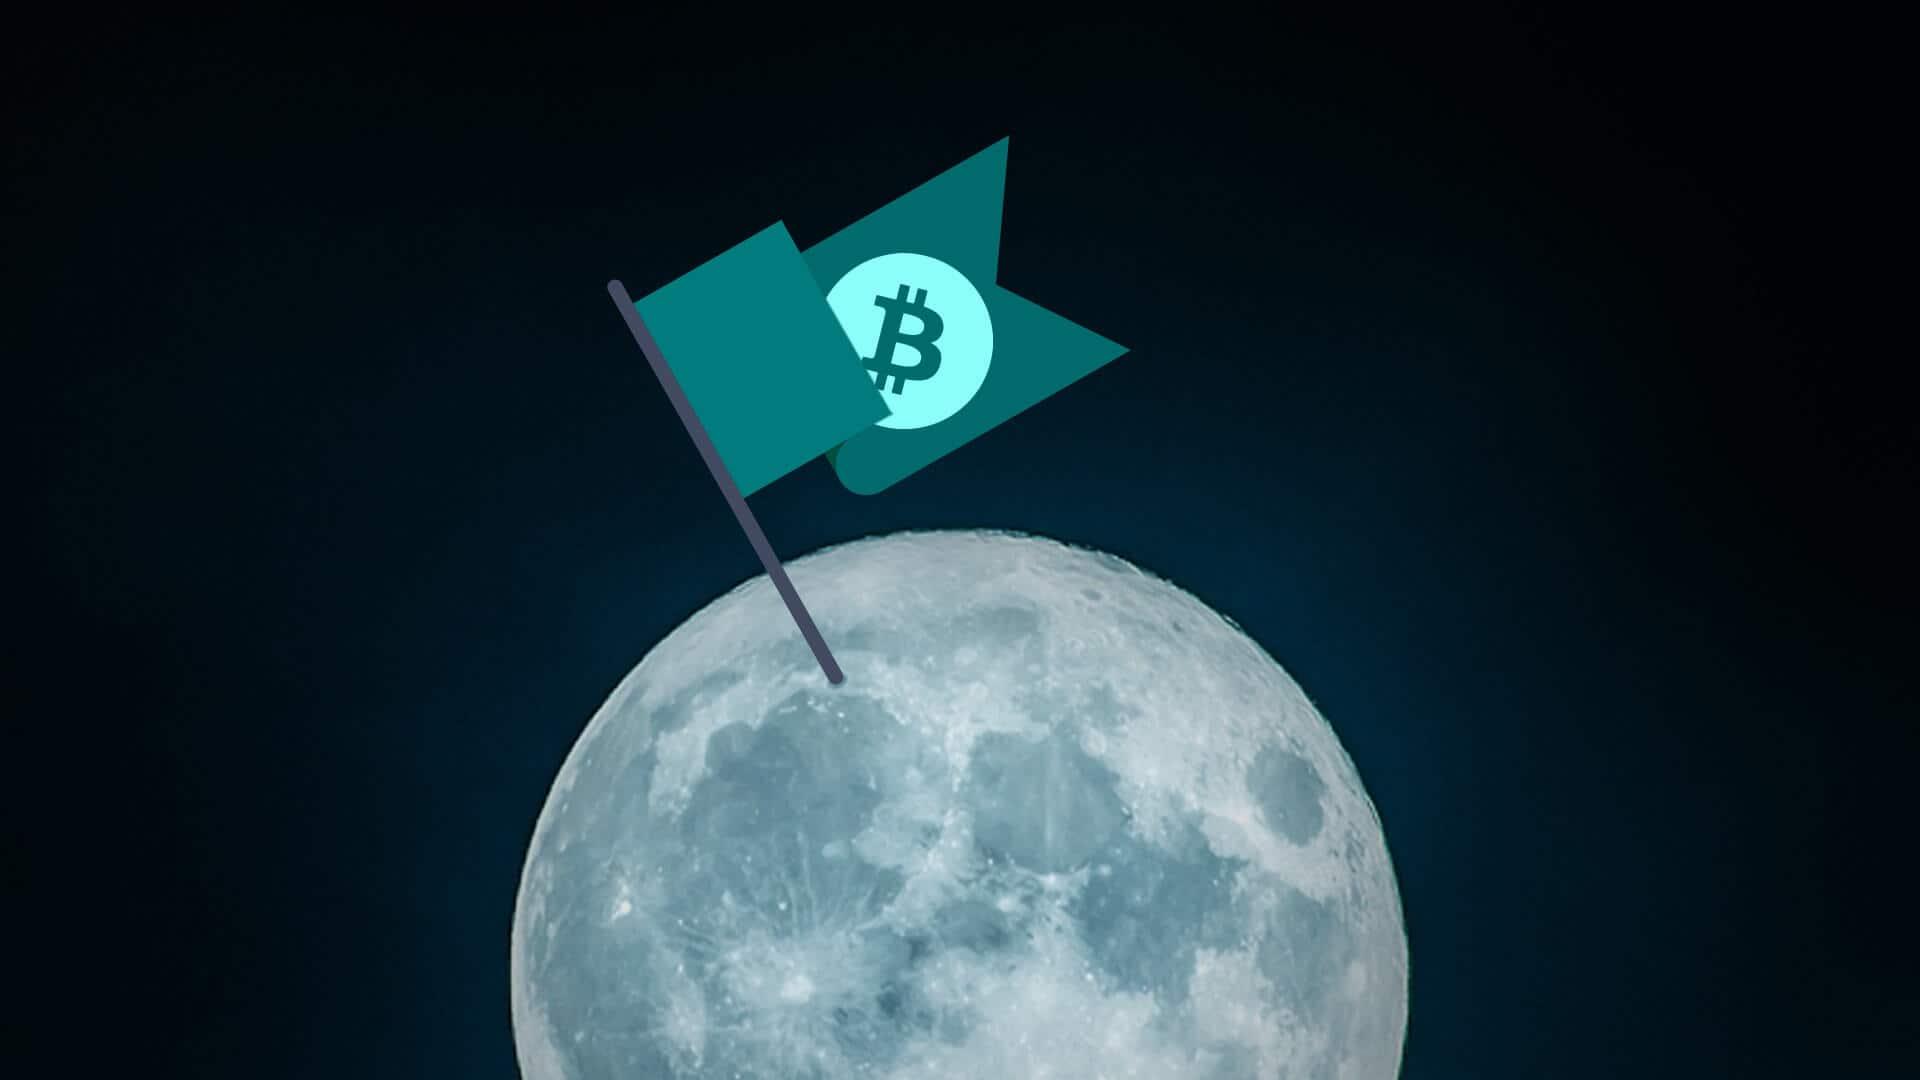 Flagge mit Bitcoin Symbol auf dem Mond, für die Redewendungen mooning oder #tothemoon bei Kryptowährungen